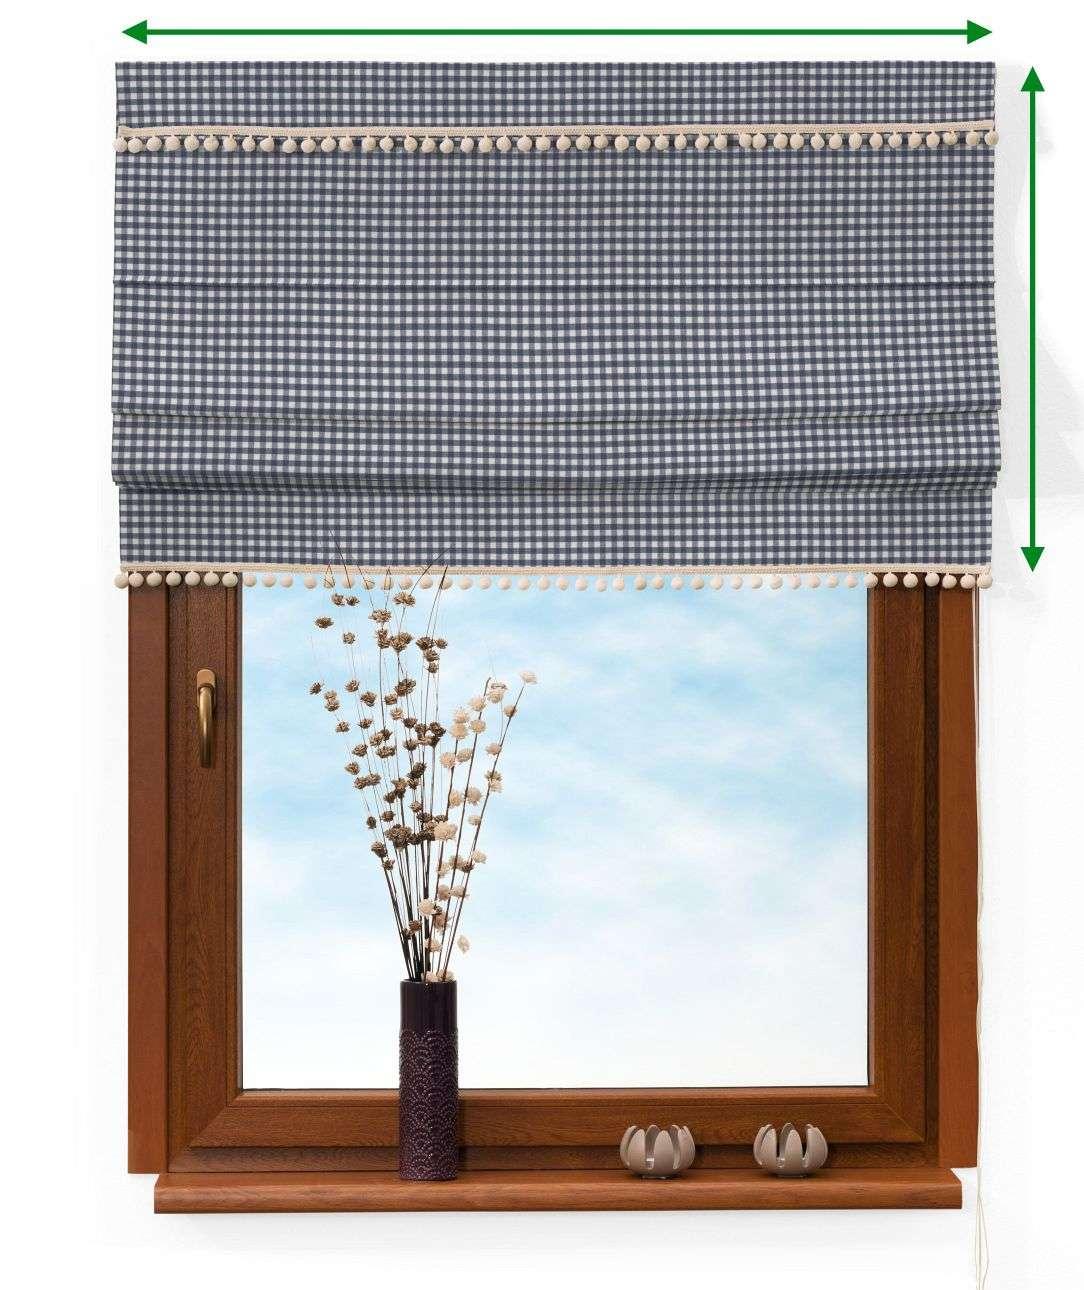 Vouwgordijn met pompons van de collectie Quadro, Stof: 136-00